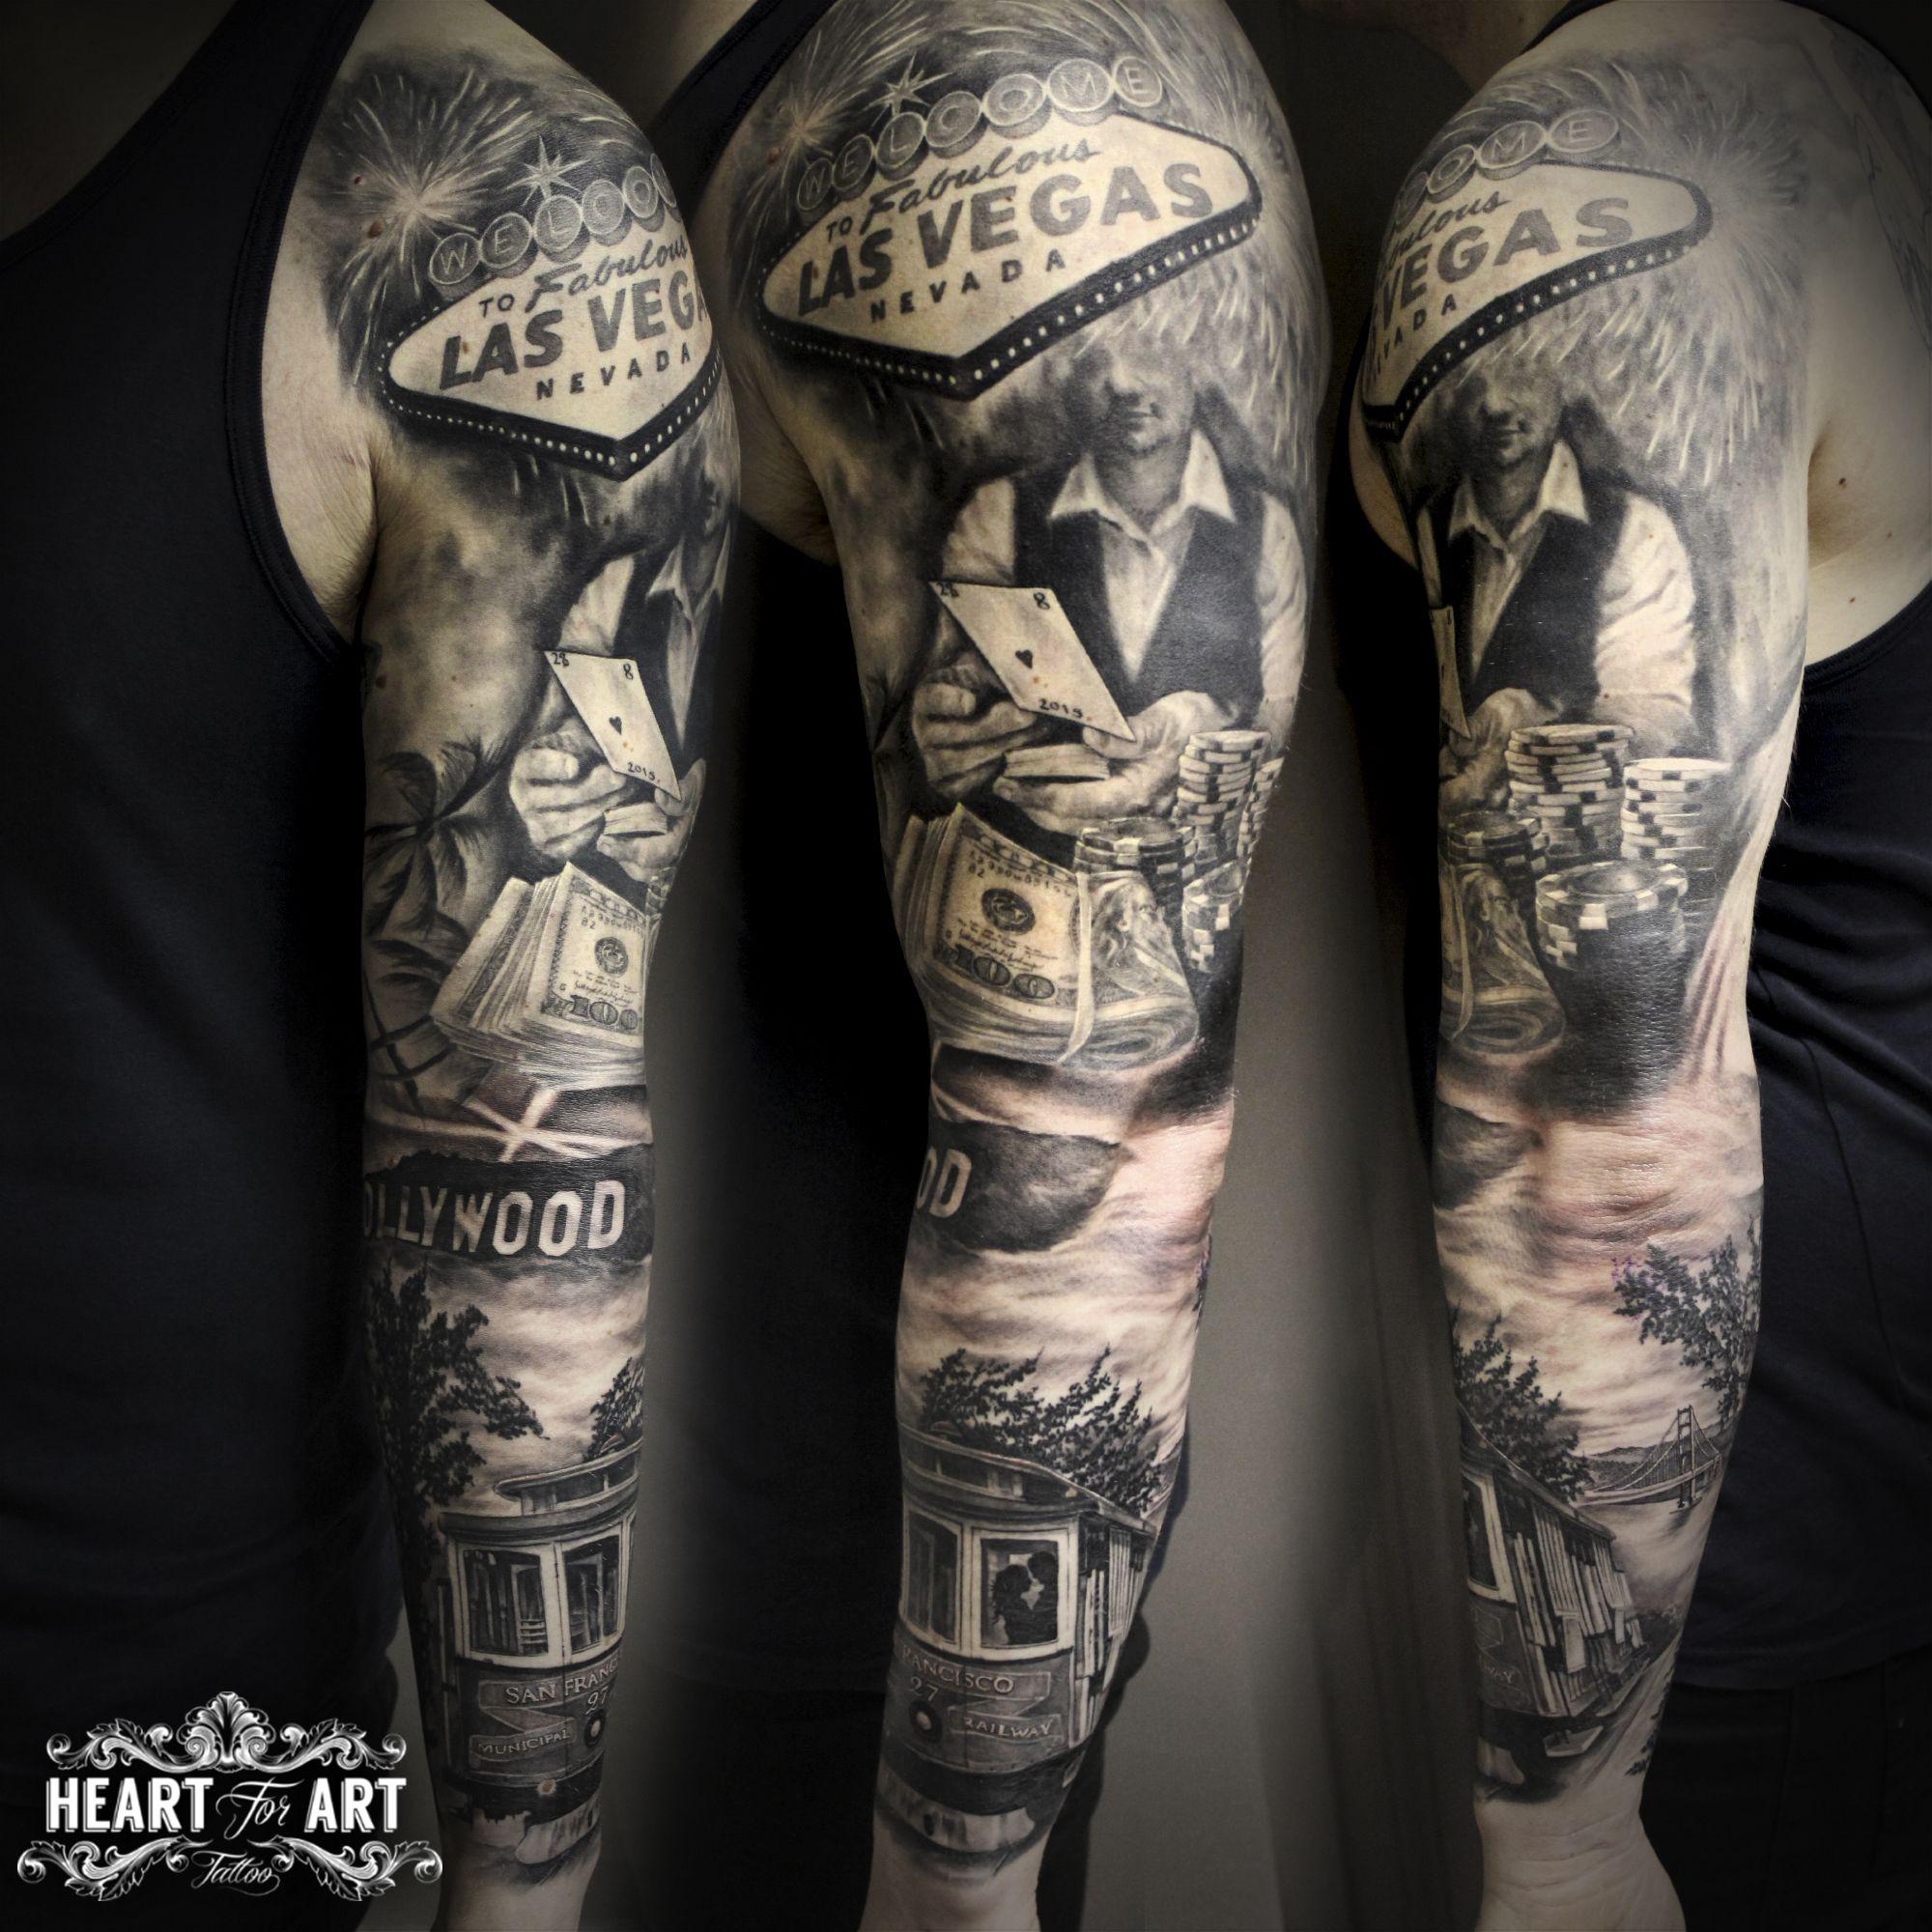 us sleeve vegas hollywood tatua r kaw pinterest tattoo vegas tattoo and tatting. Black Bedroom Furniture Sets. Home Design Ideas